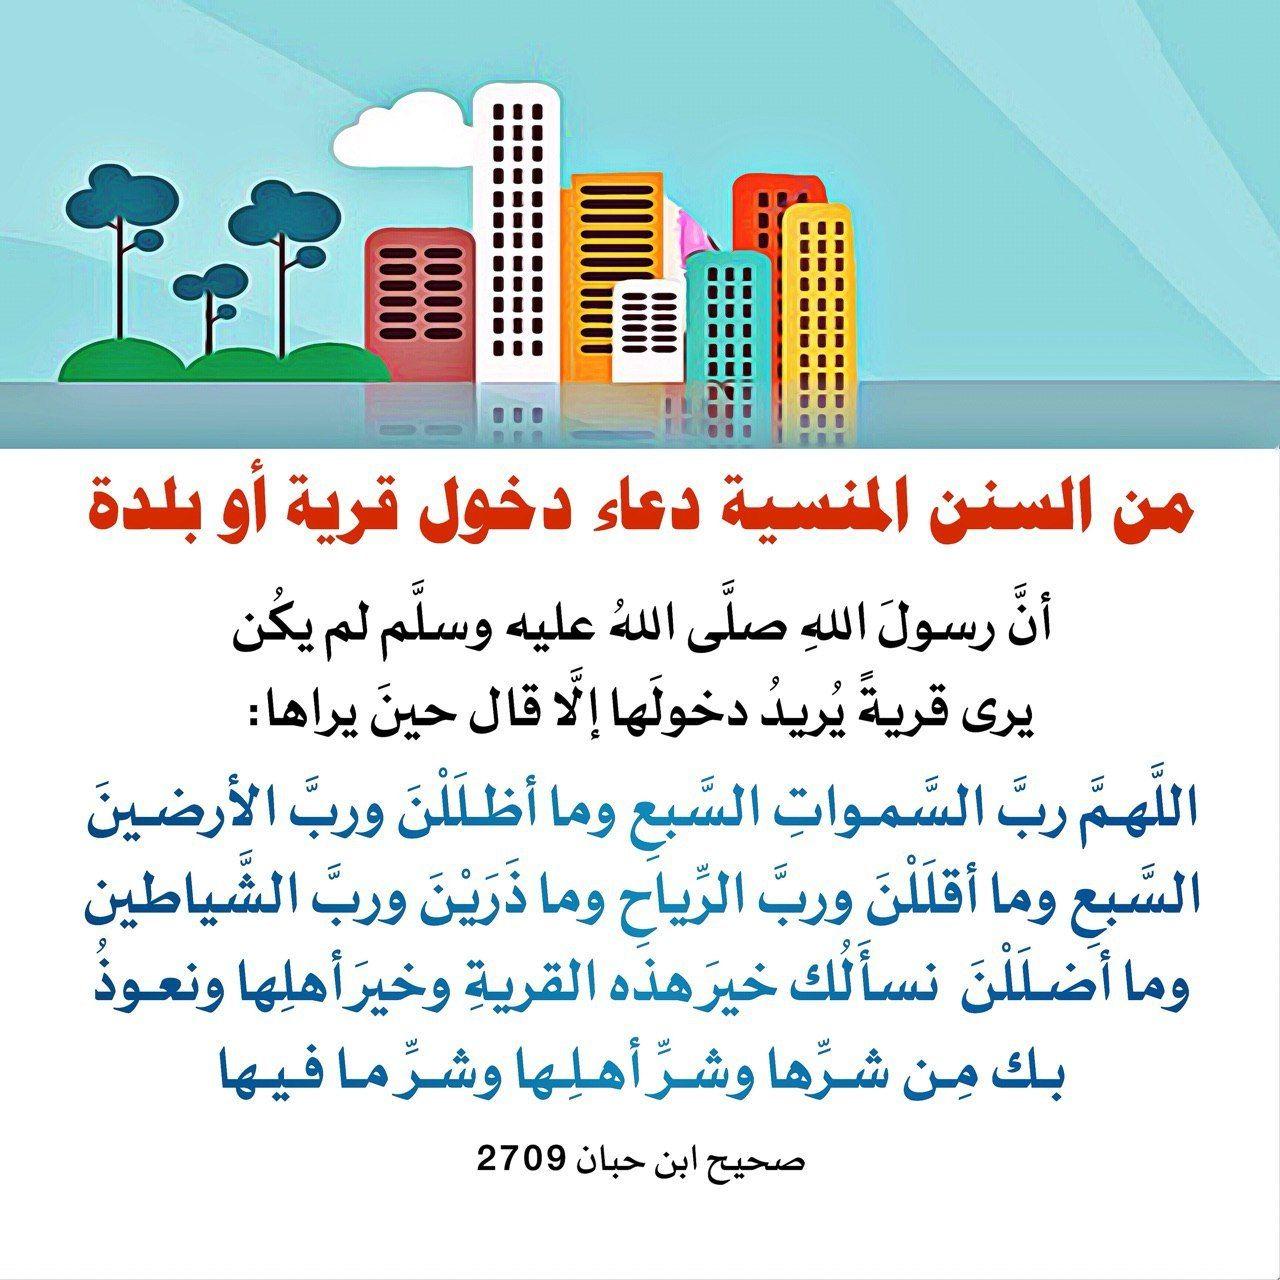 سنن منسية Islam Quran Islam Duaa Islam